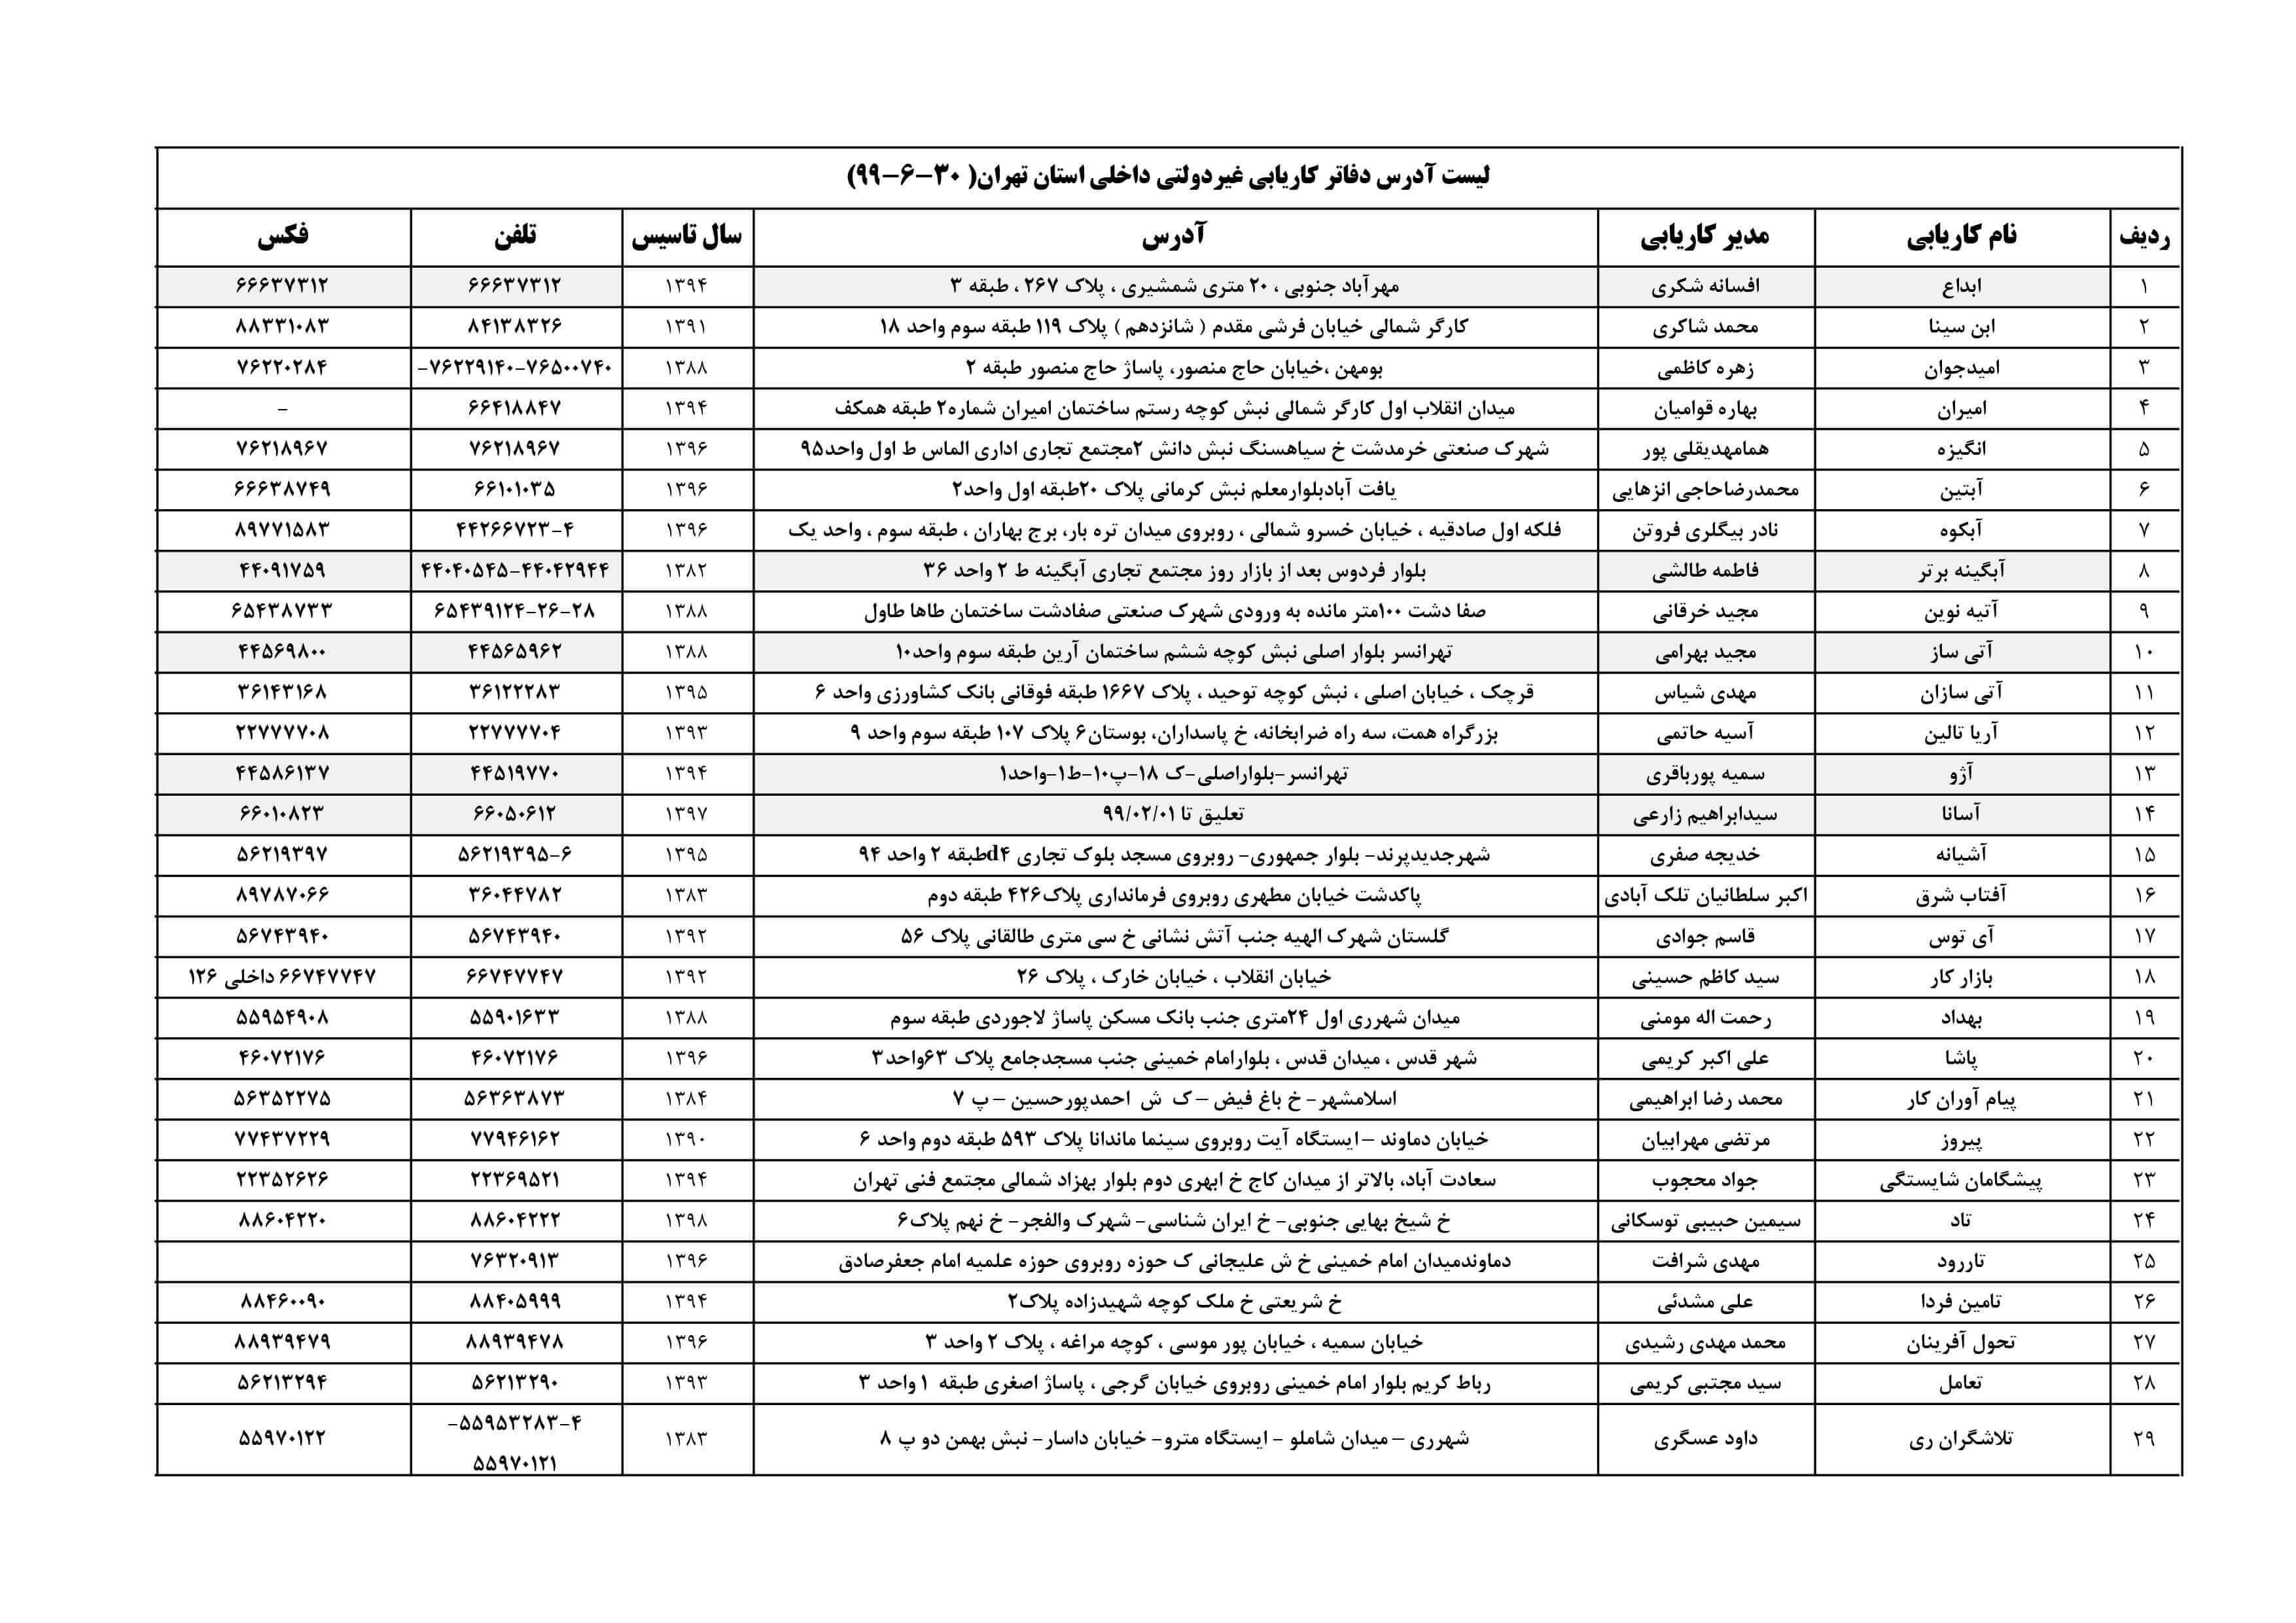 لیست دفاتر کاریابی تهران